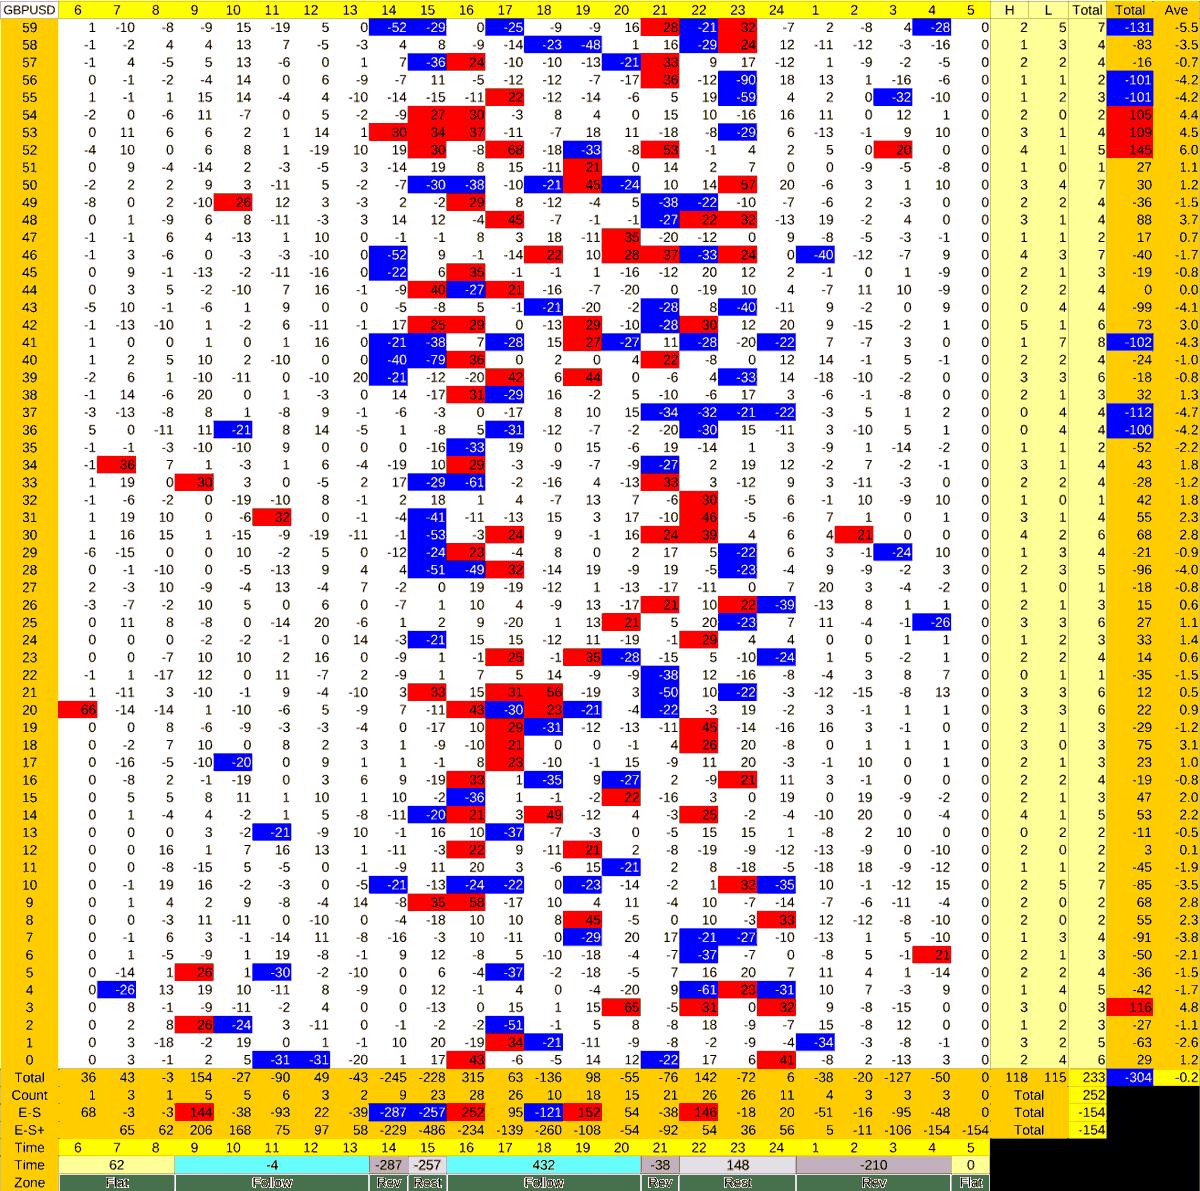 20210409_HS(2)GBPUSD